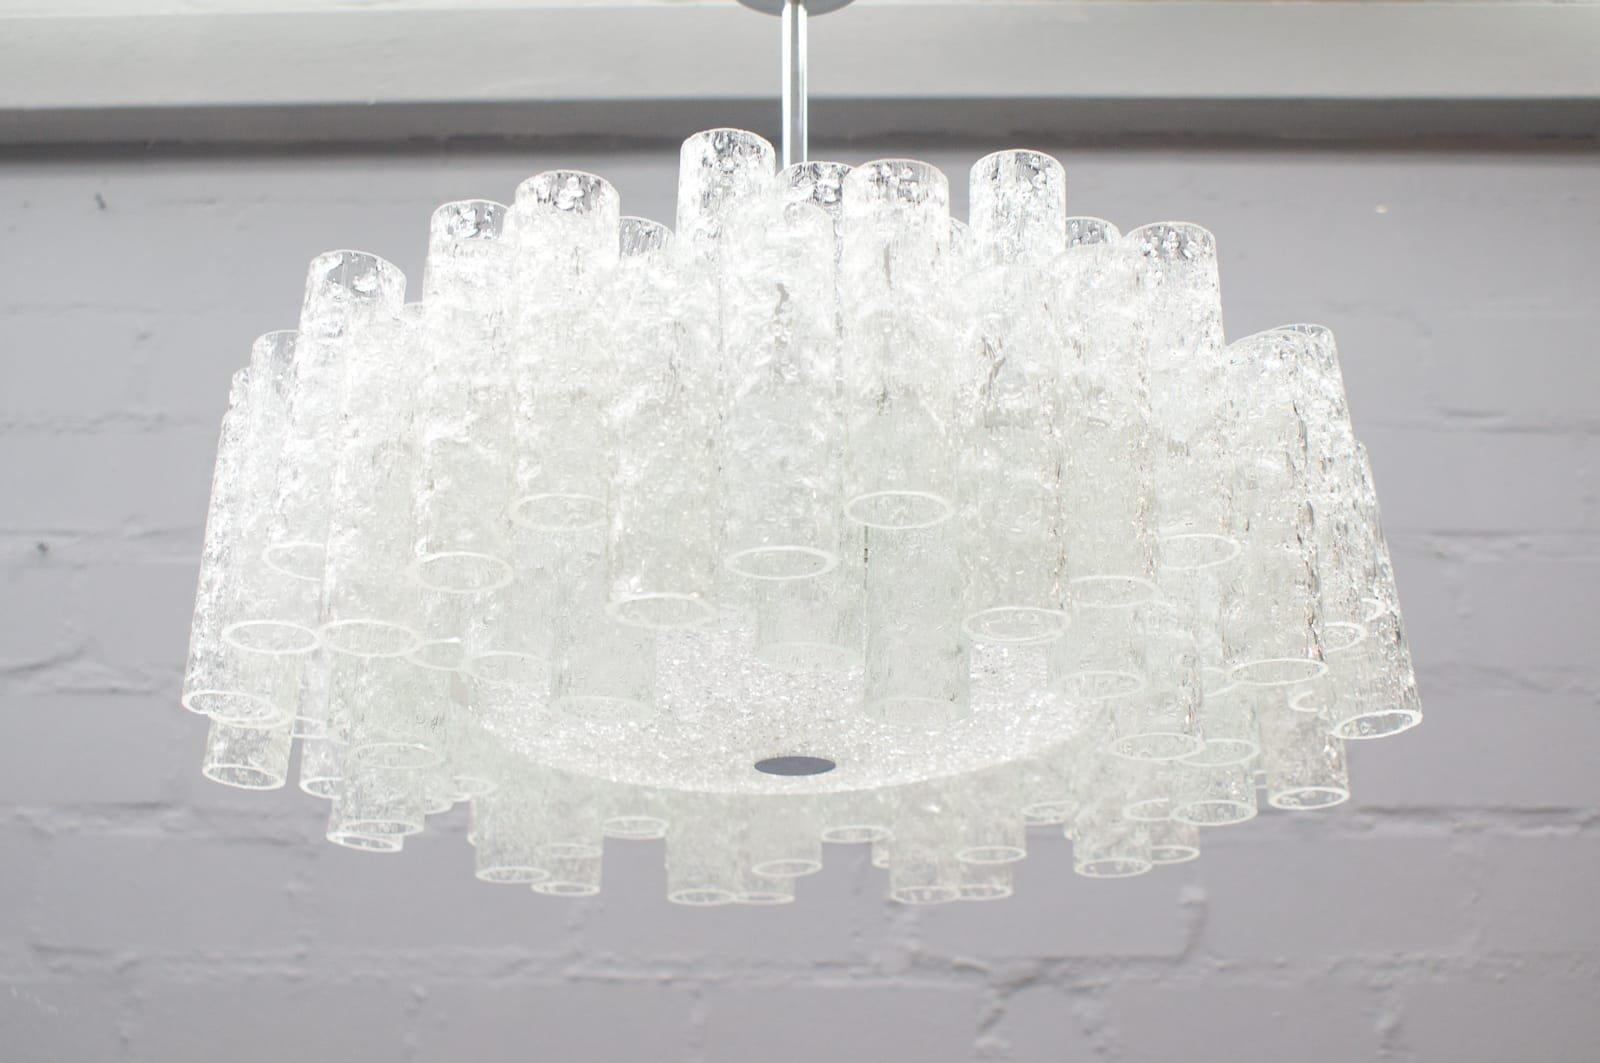 Zweistufiger Deutscher Eisglas Kronleuchter von Doria Leuchten, 1960er